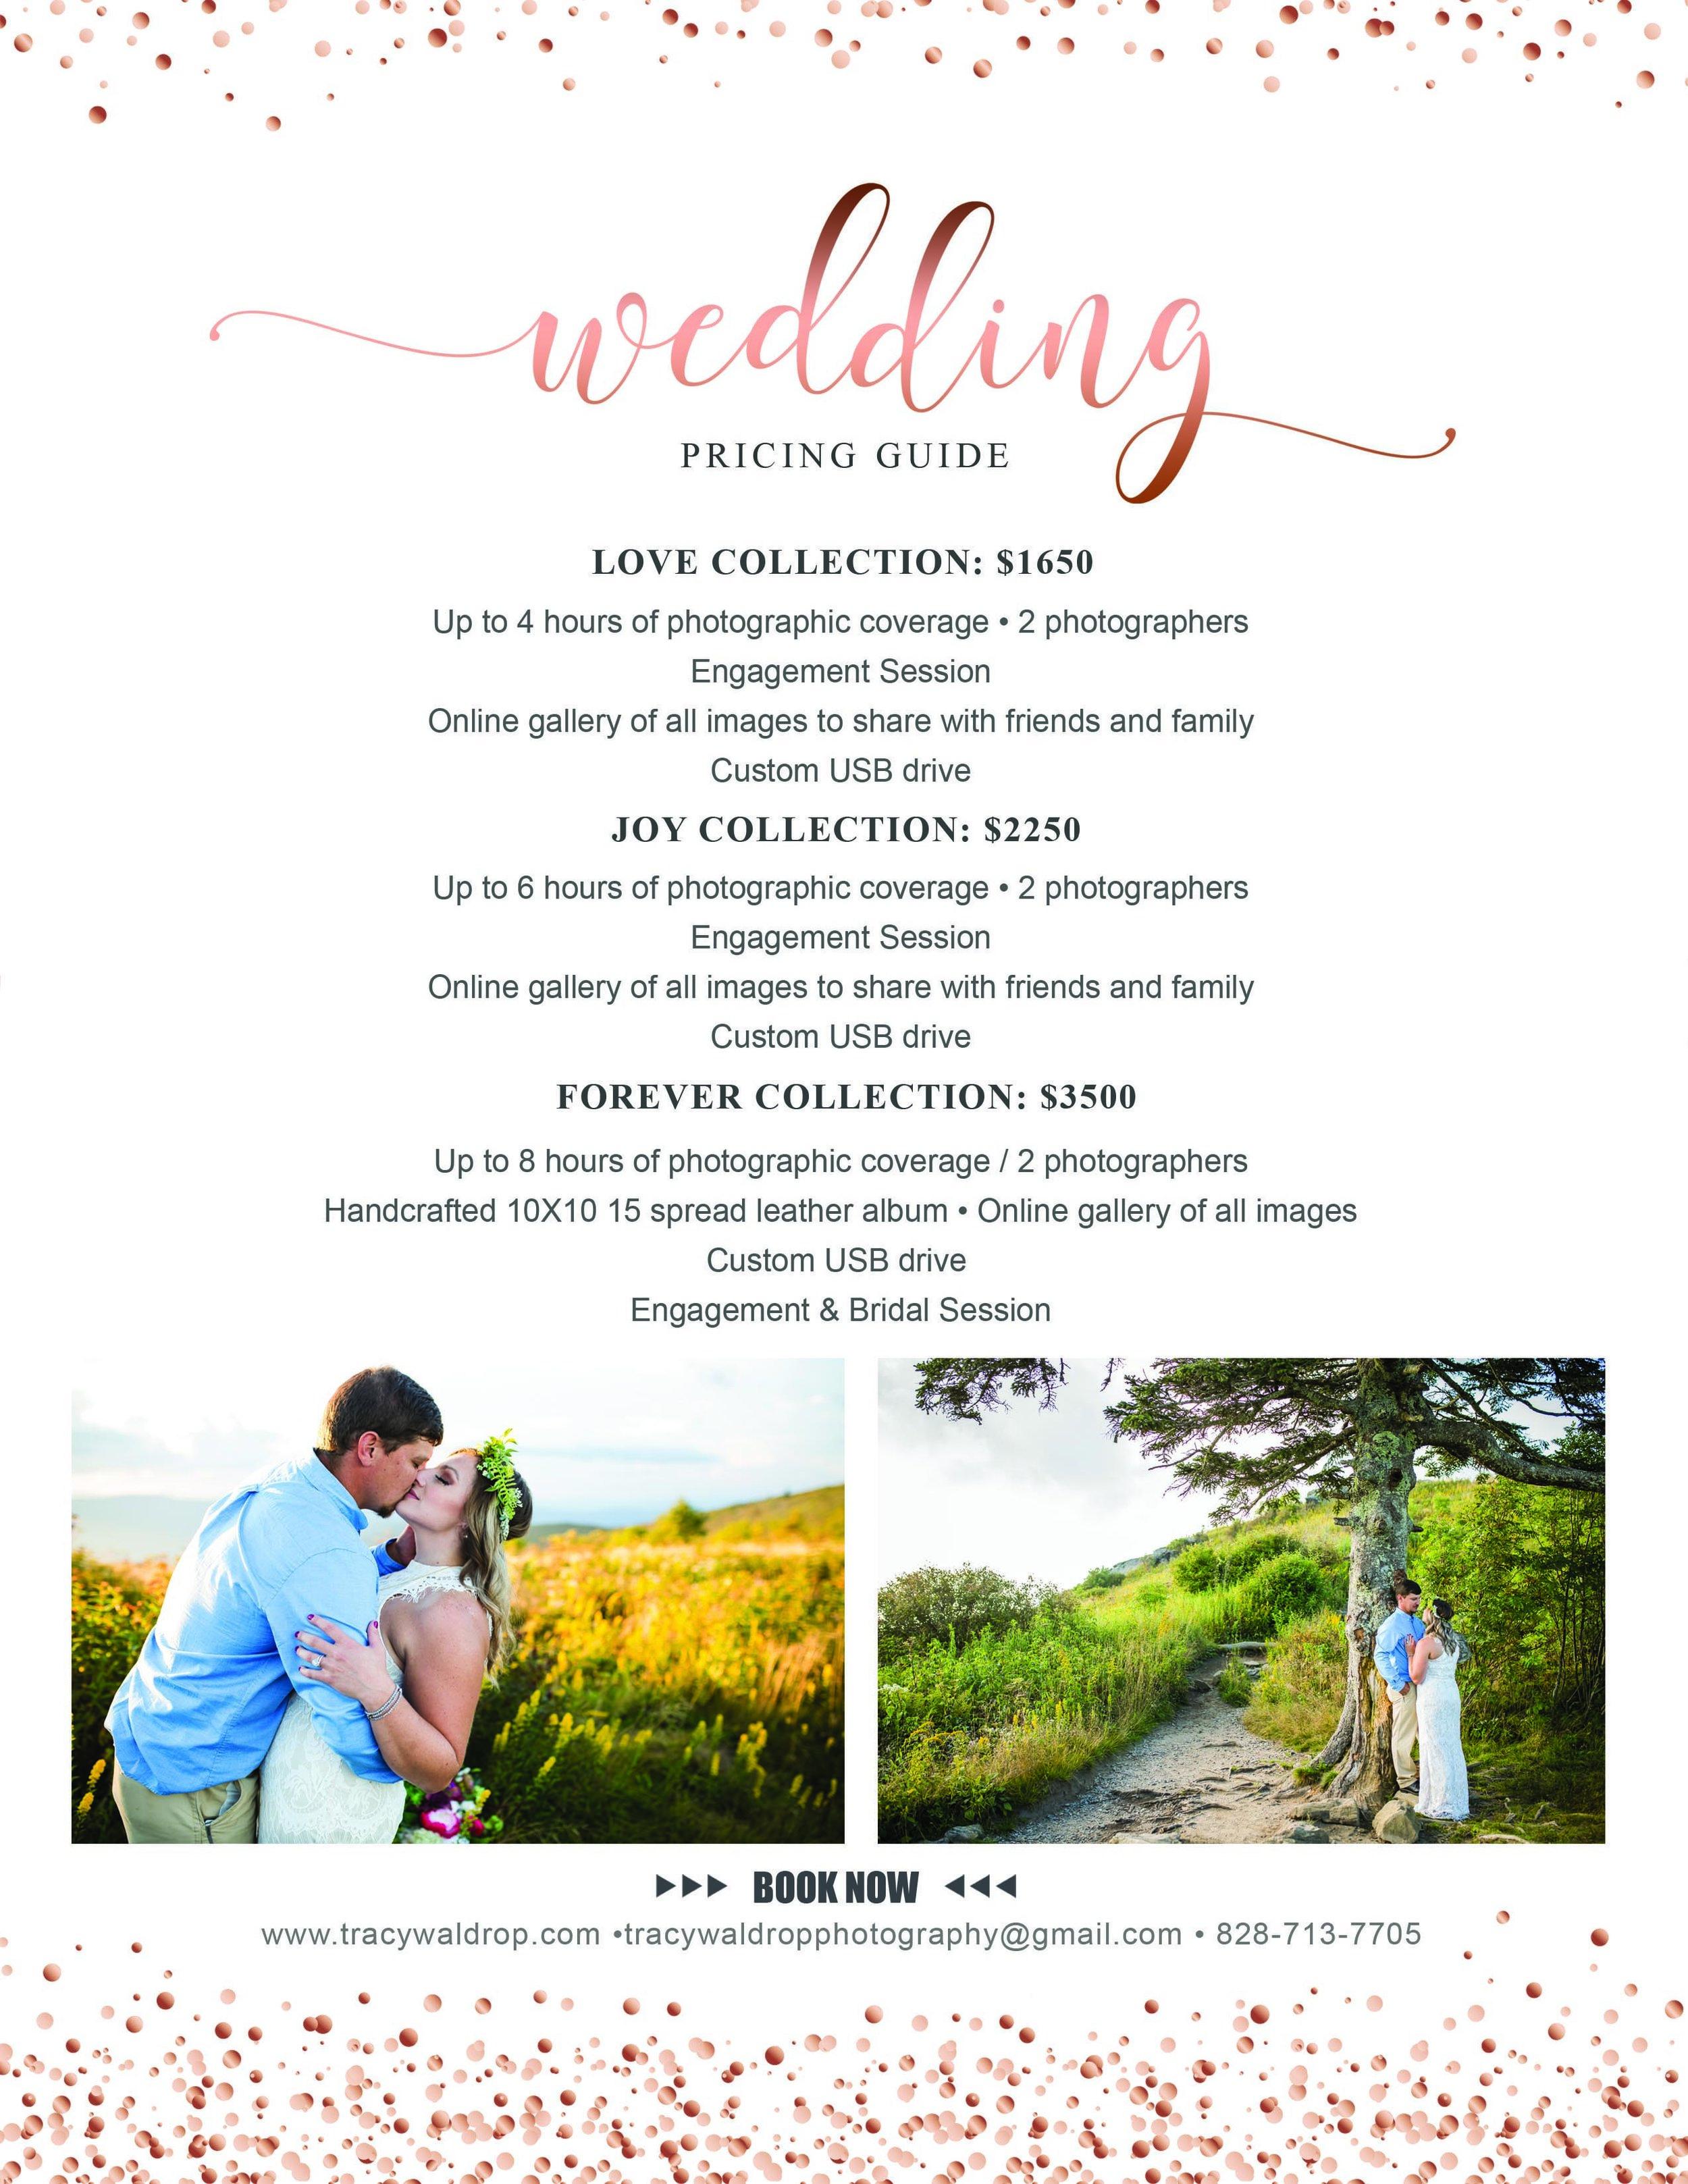 TWP WEDDING PRICING SHEET.jpg